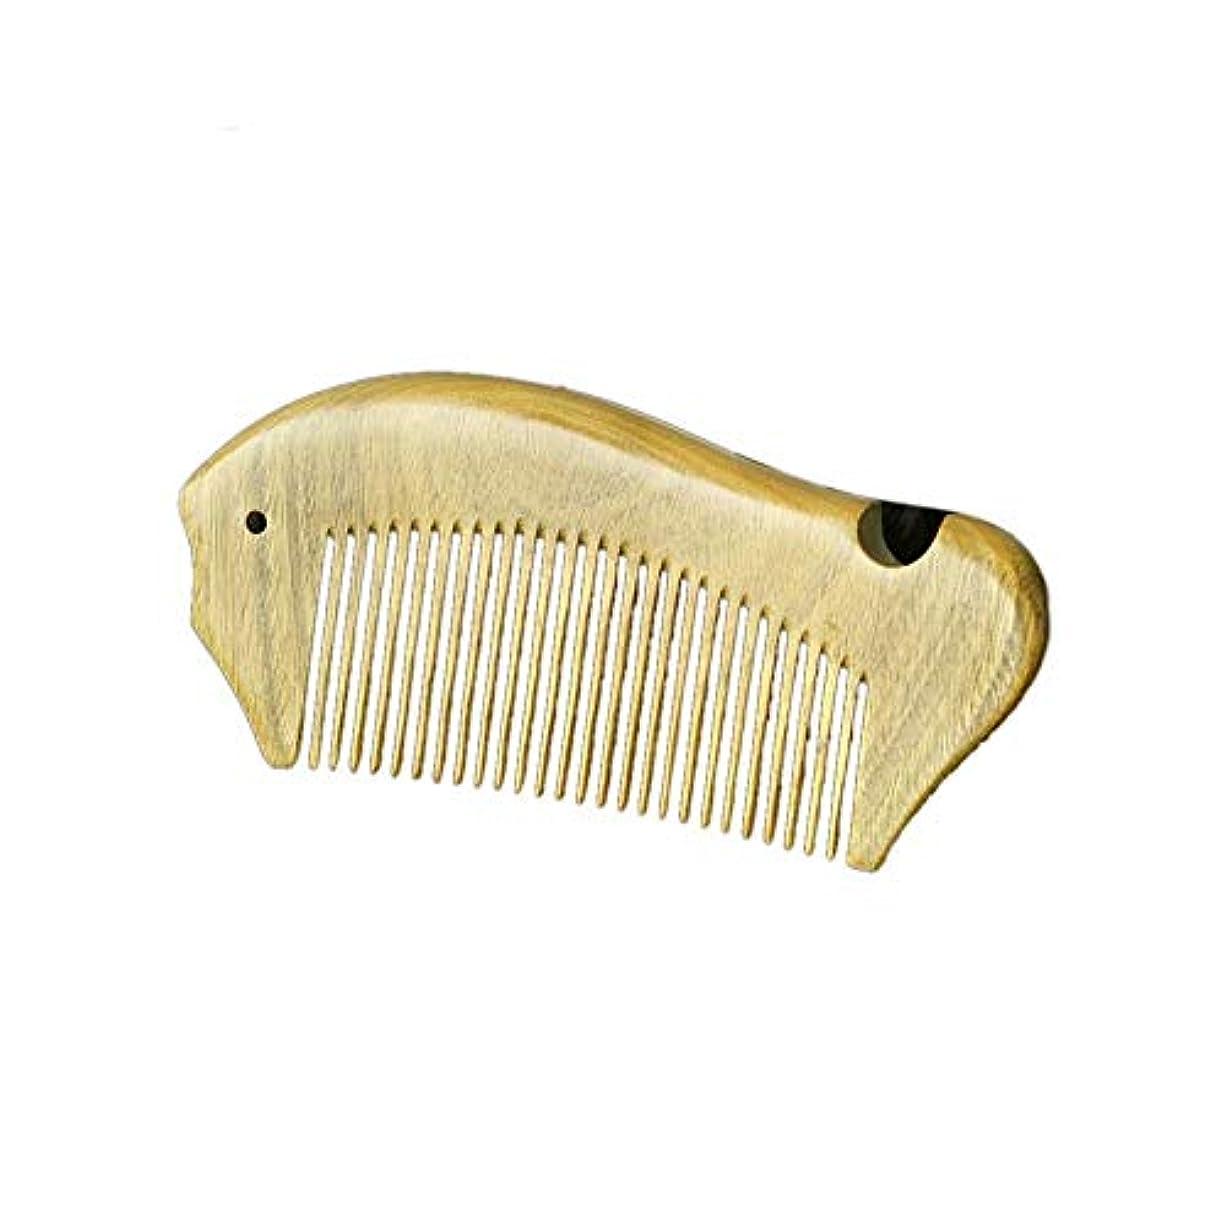 エンドテーブル理想的には傾向WASAIO 髪ブラシ緑サンダルウッド櫛魚形マッサージ櫛帯電防止ともつれ